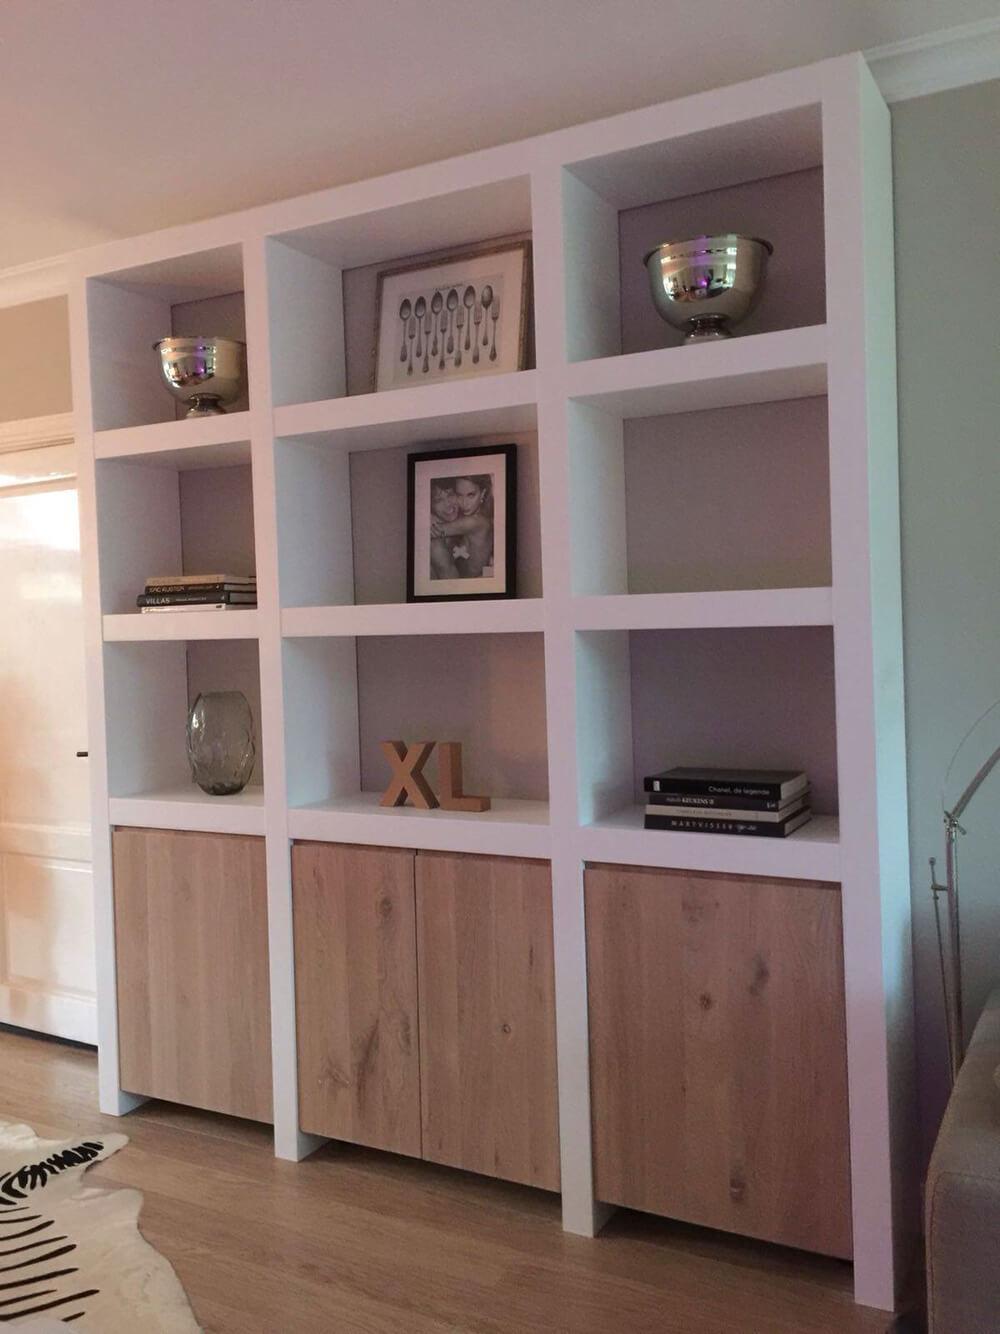 Shadowbox Dining Room Wall Display